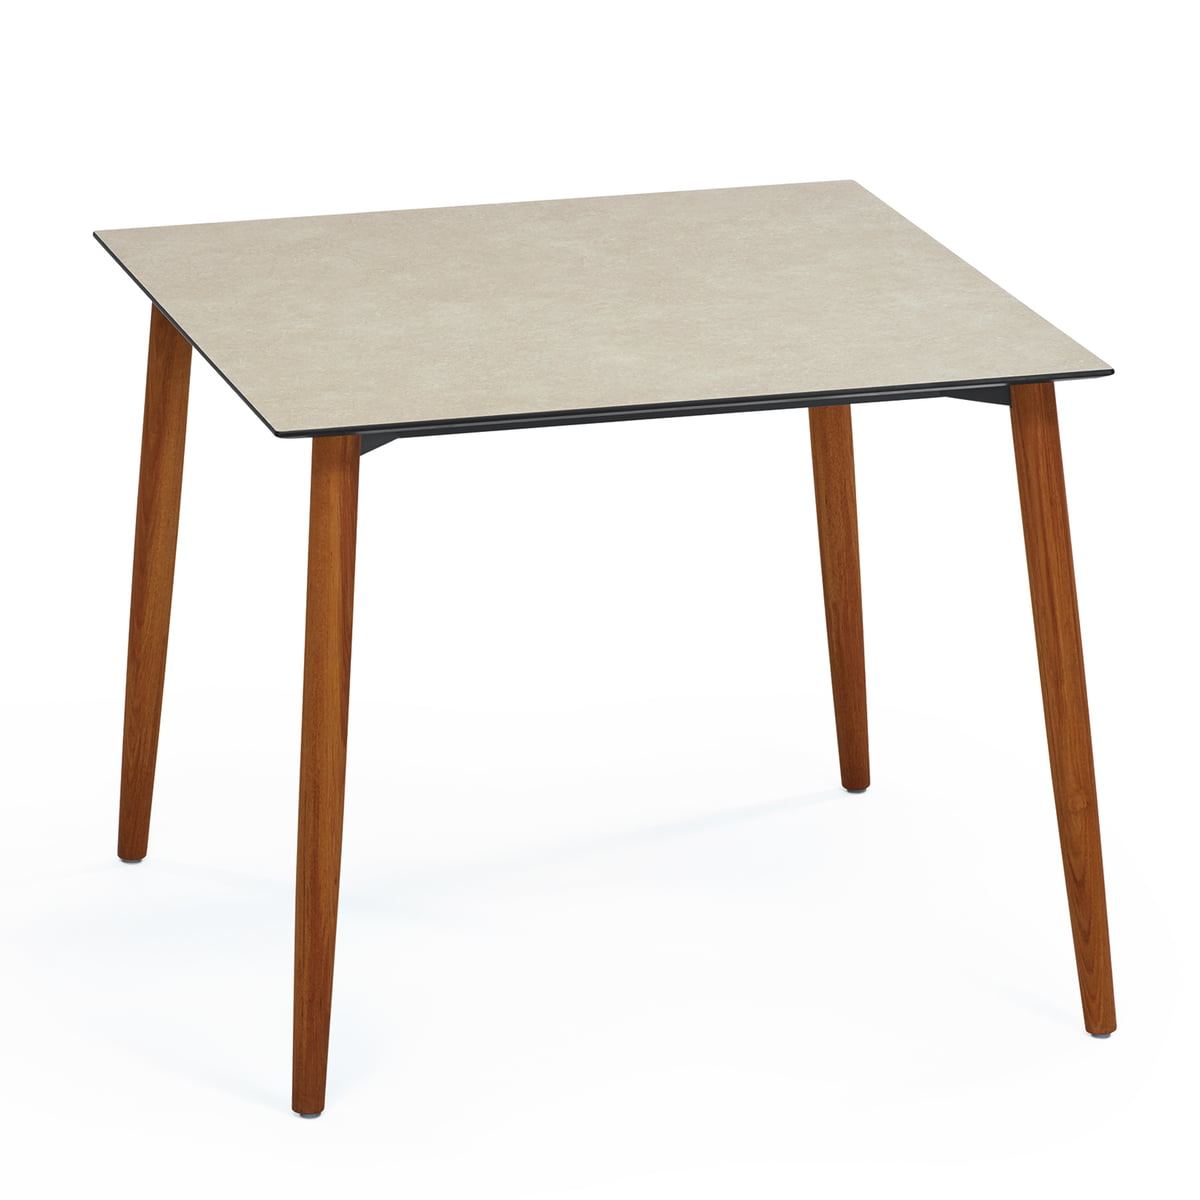 Faszinierend Küchentisch 90x90 Beste Wahl Slope Tisch 90 X 90 Cm Von